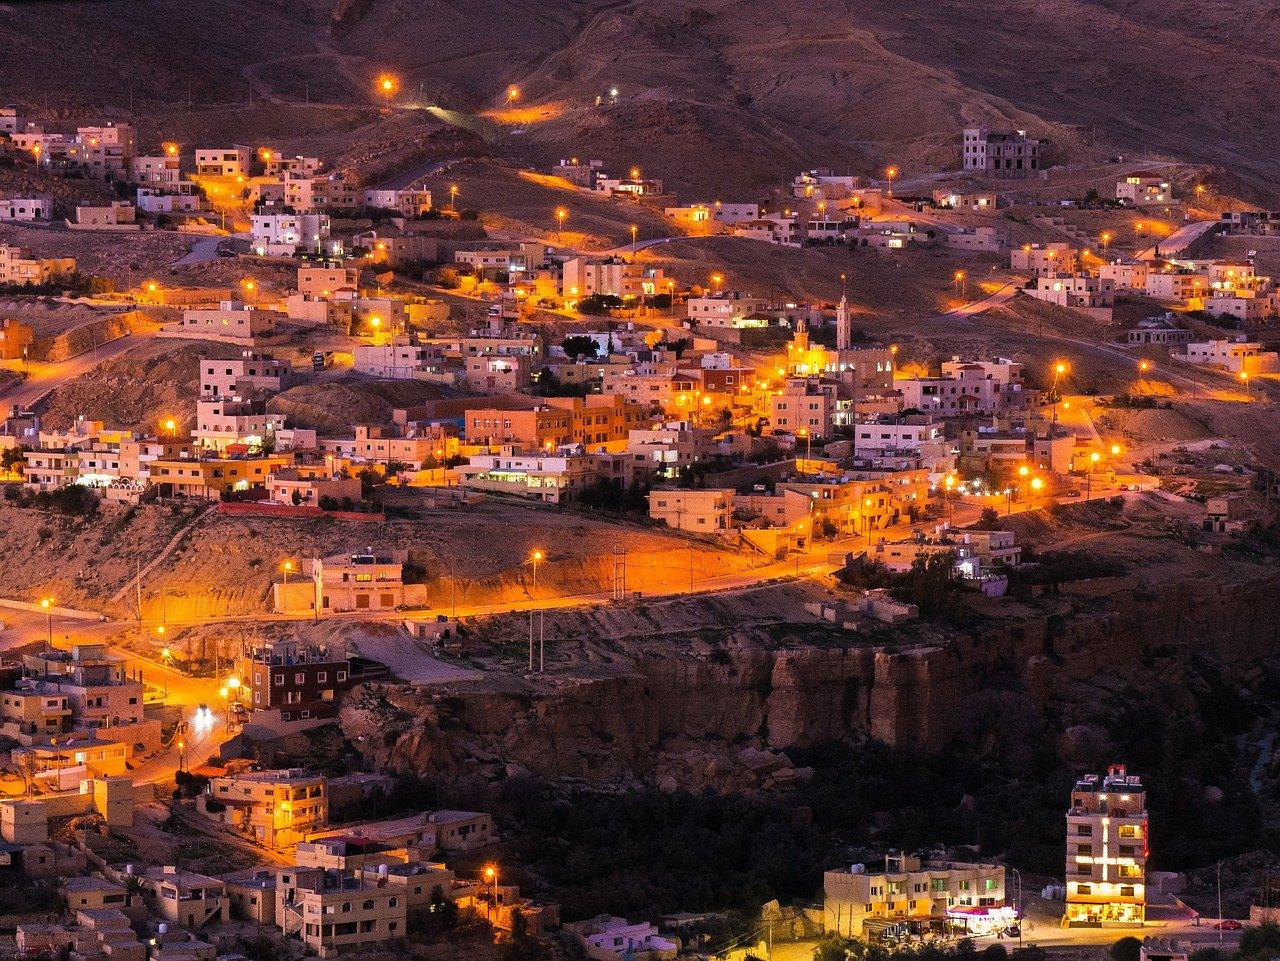 Petites astuces pour se déplacer facilement en Jordanie